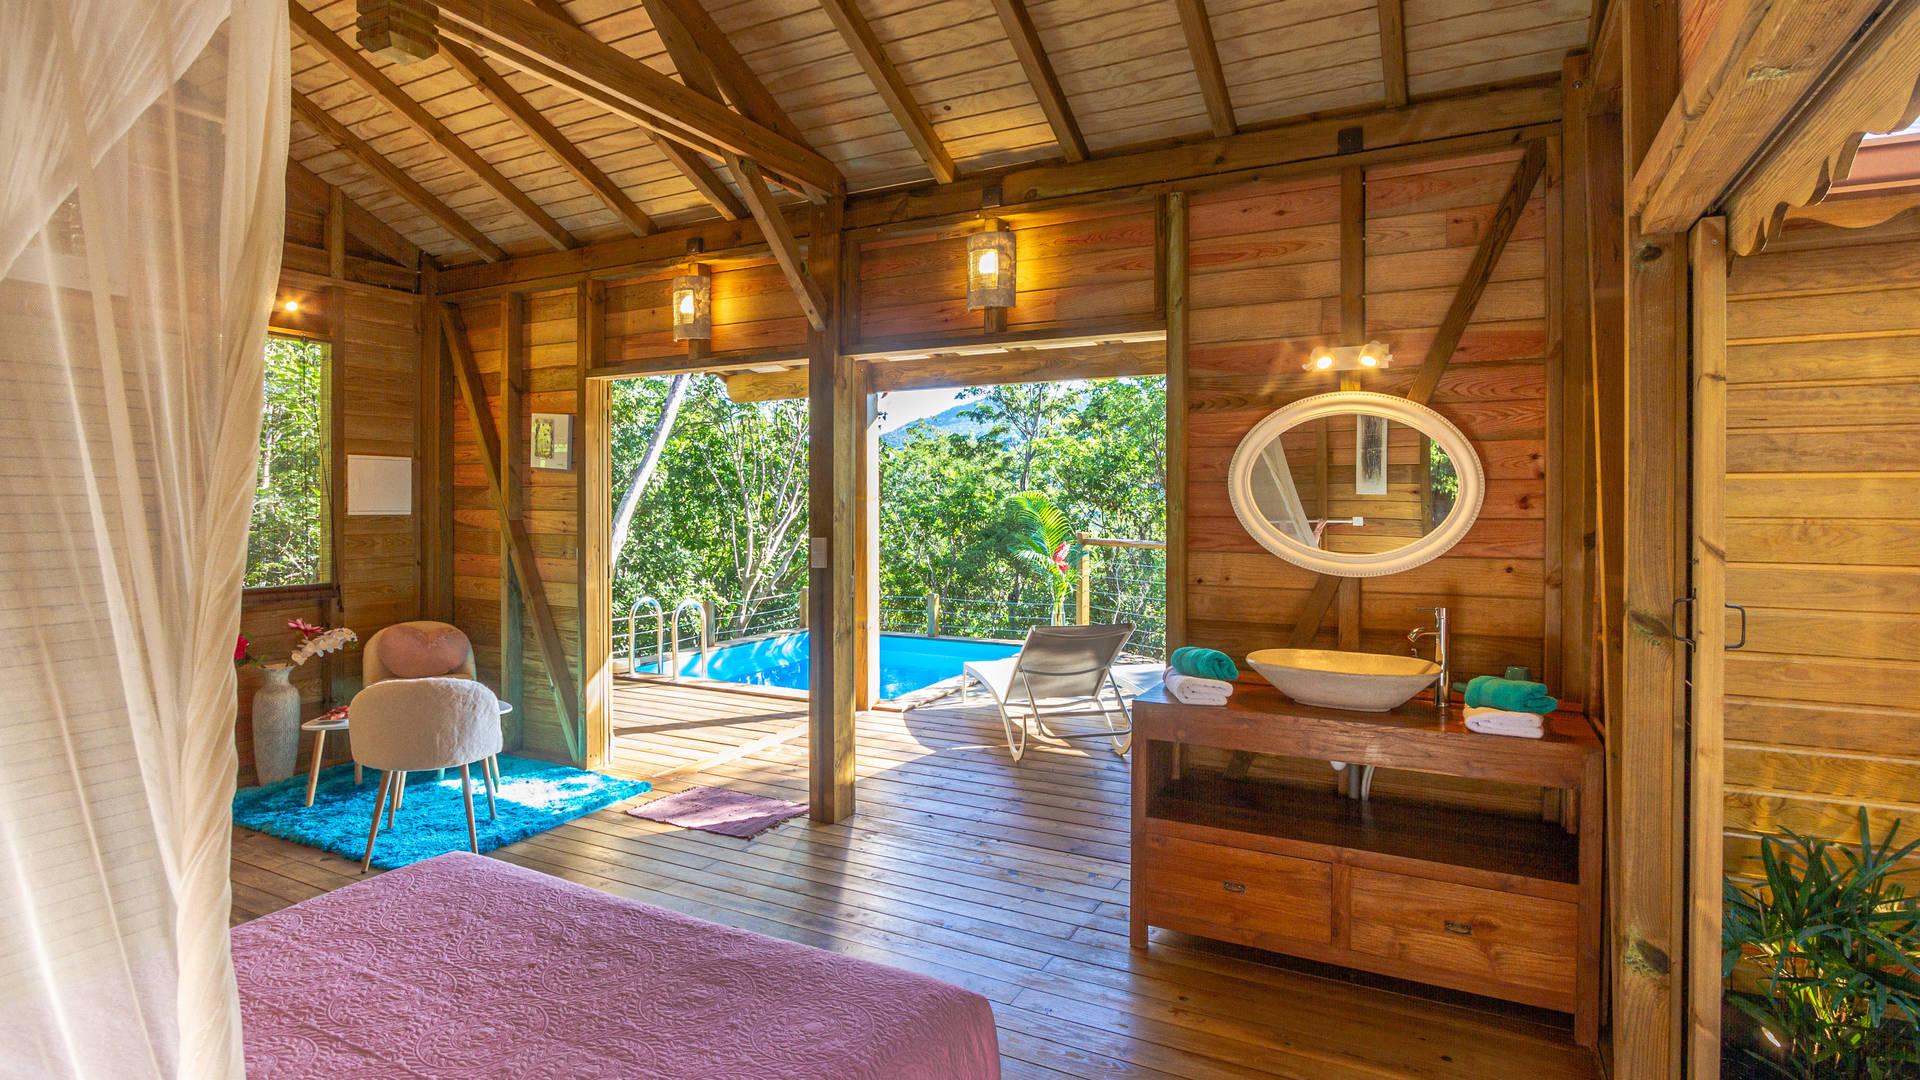 Au Jardin Des Colibris | Deshaies, Guadeloupe | Bon Travel intérieur Au Jardin Des Colibris